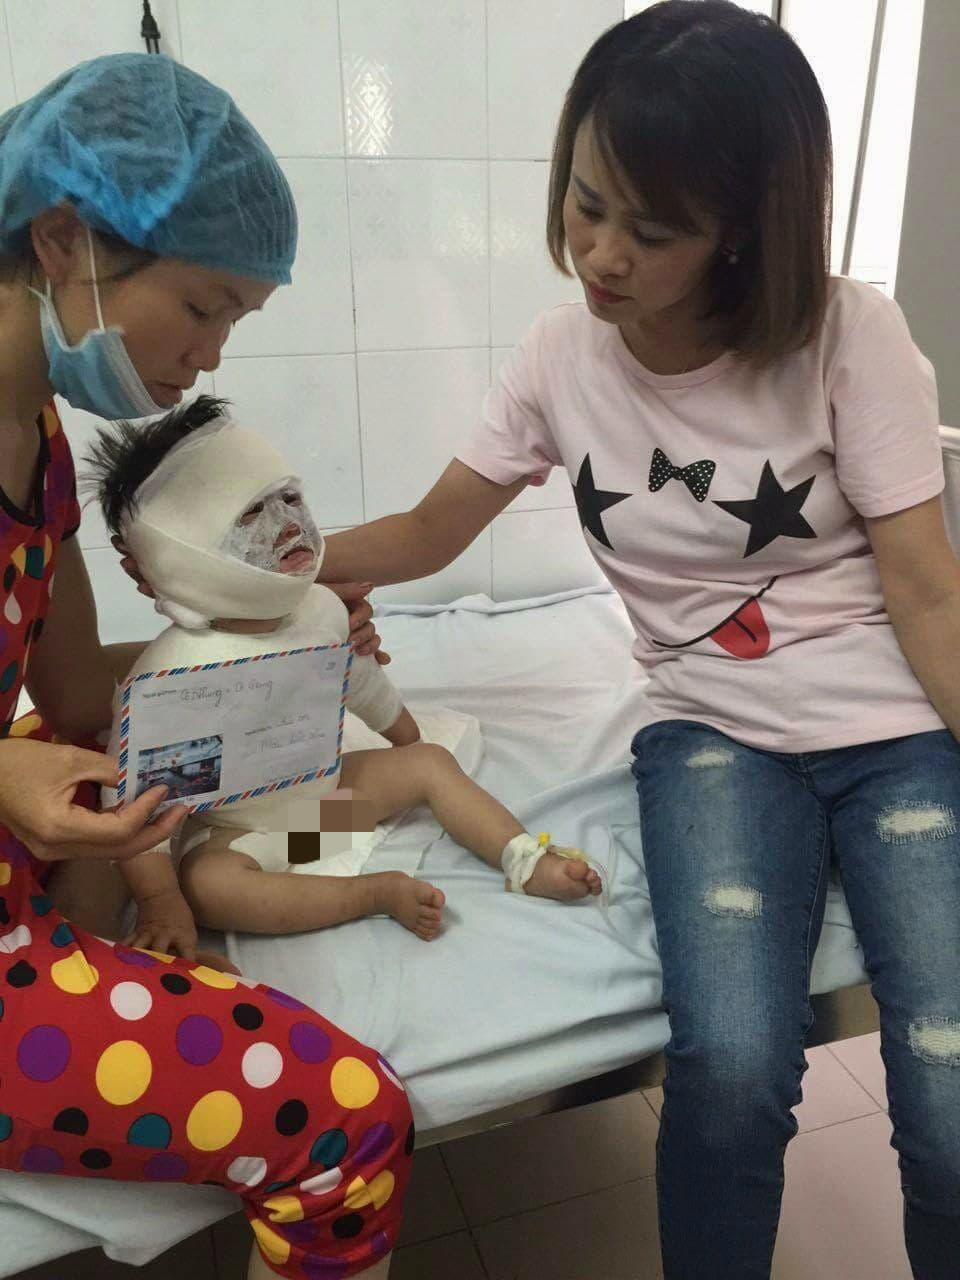 Ở nhà với ông nội, bé gái 2 tuổi bị ca nước sôi đổ vào người gây bỏng nặng - Ảnh 3